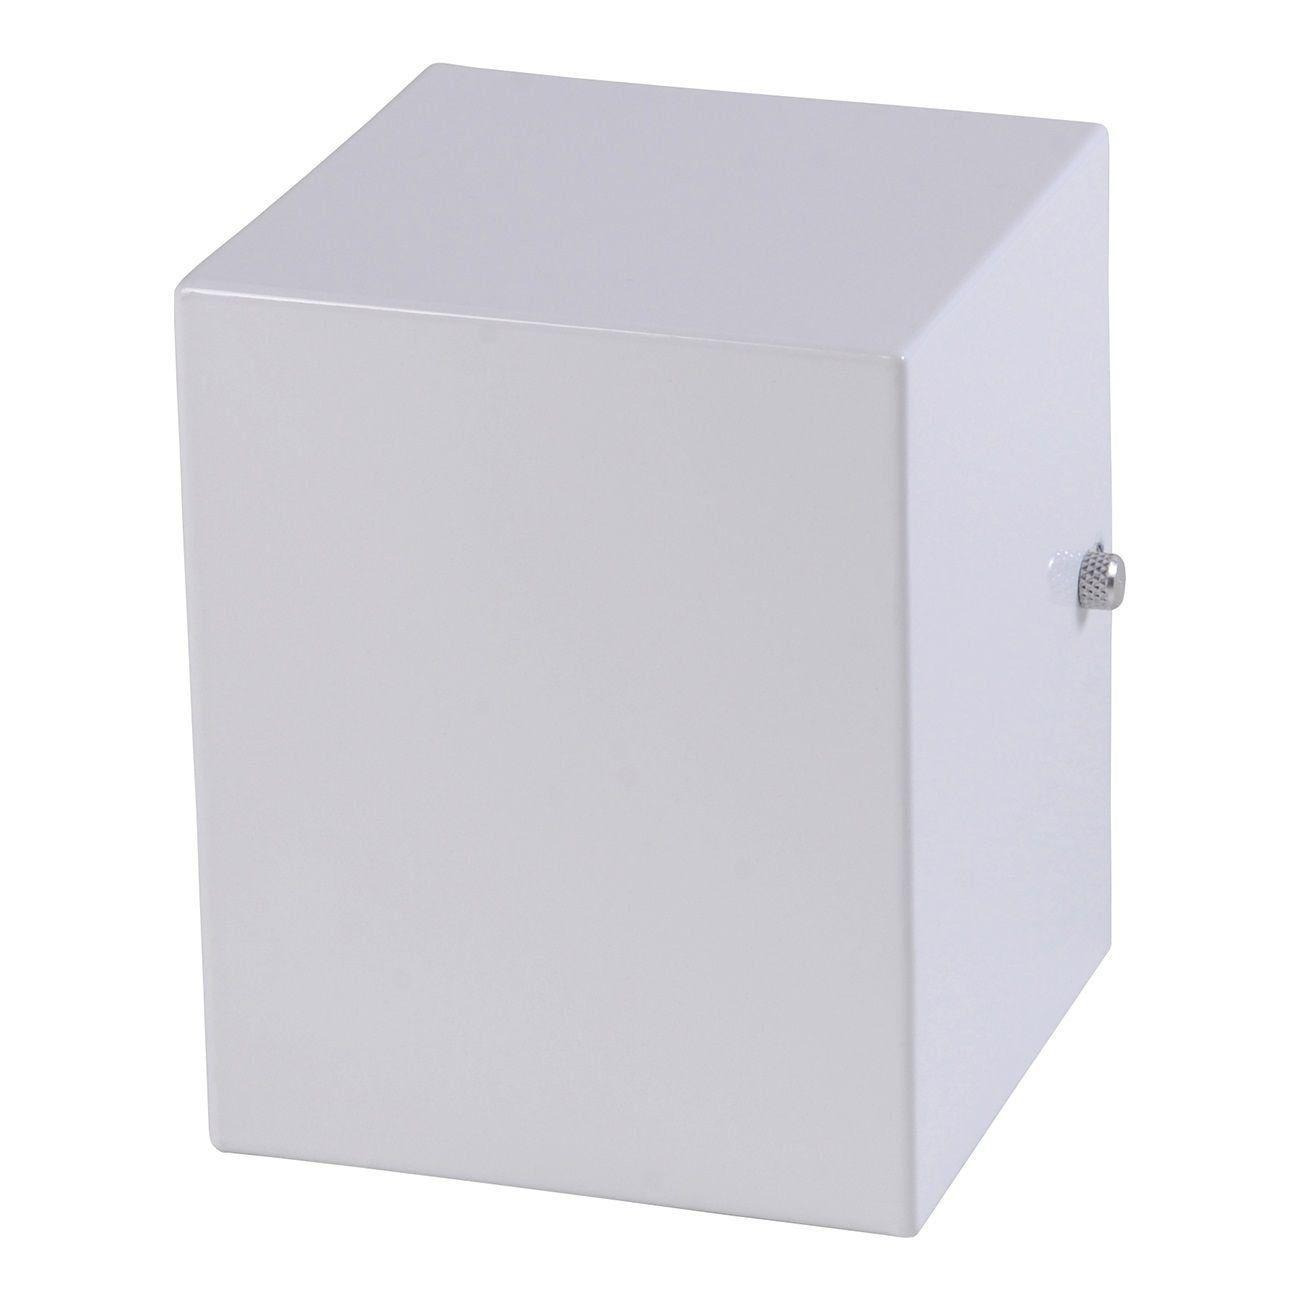 Arandela 1 Facho Um Foco Luminária Externa Interna Muro Parede Alumínio Branco - Rei da Iluminação